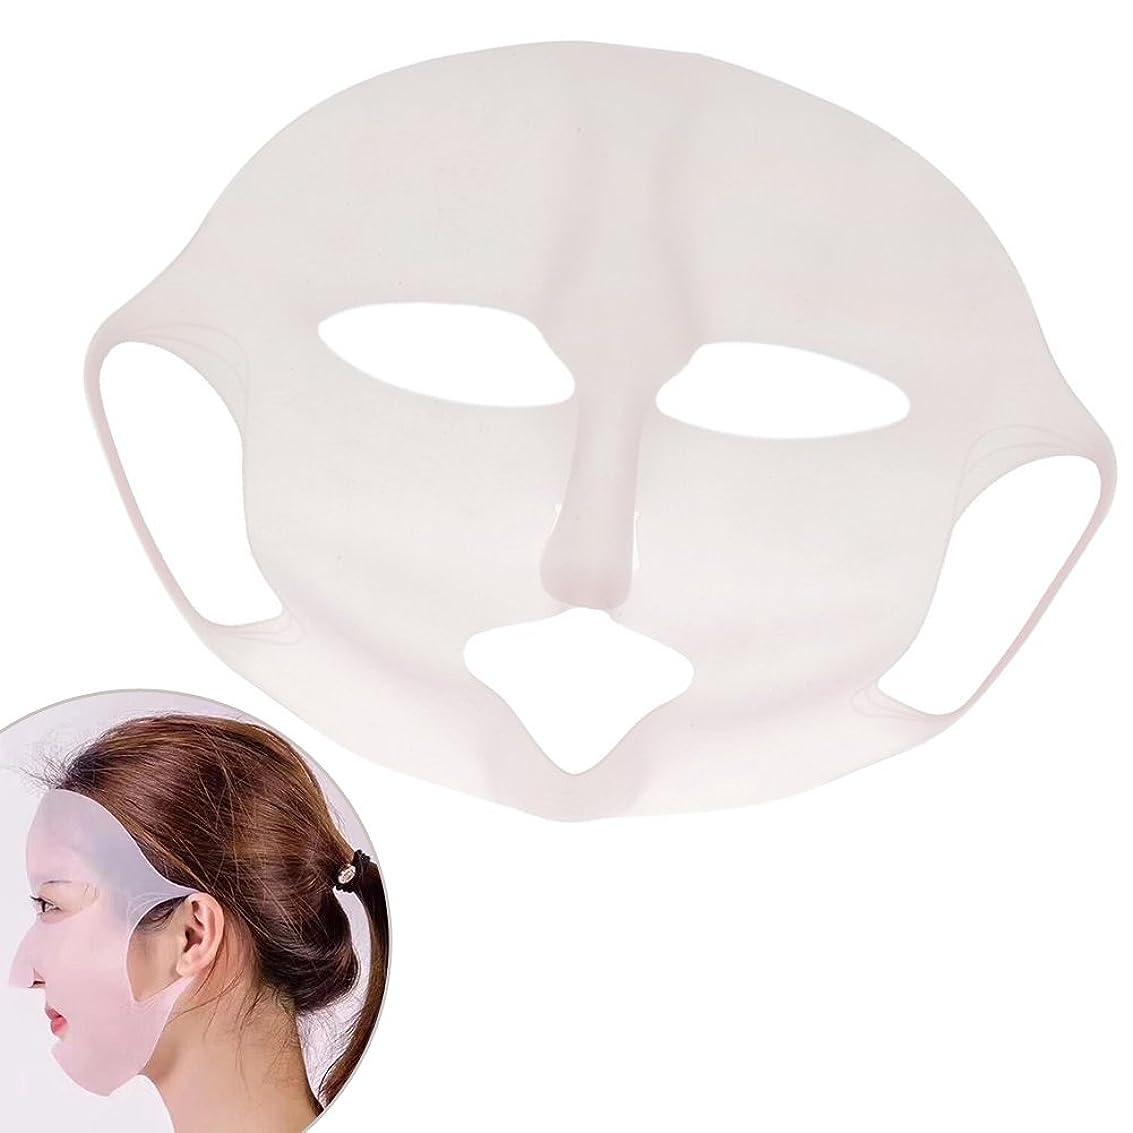 アルネナビゲーション店主フェイスパックカバー シリコンマスク フェイスマスク 美容液 防蒸発 保湿 便利なグッズ 吸収 3枚入り 21cm